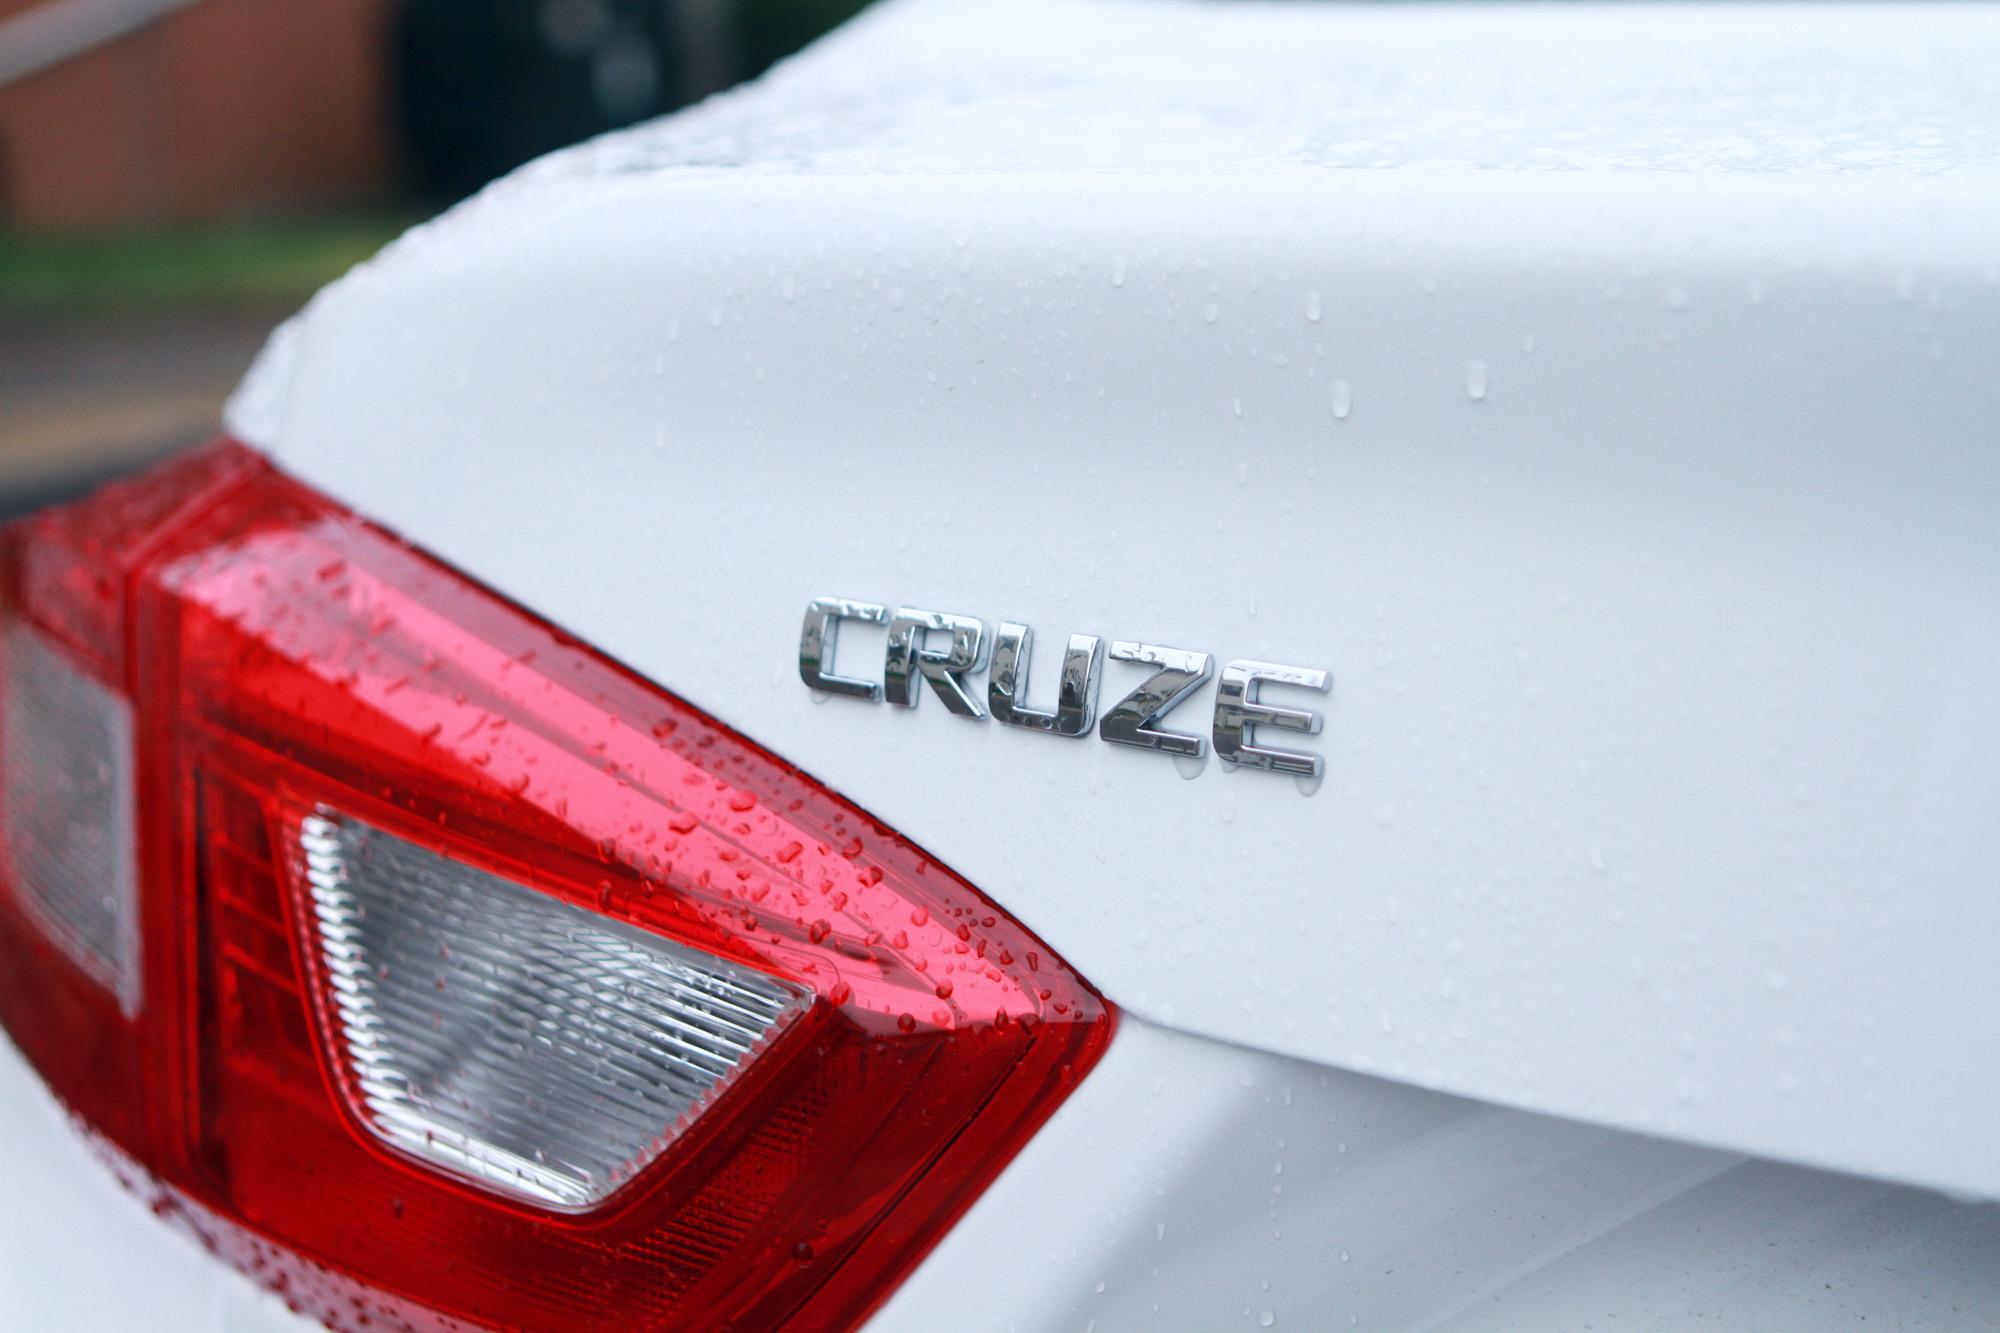 2016 Chevy Cruze